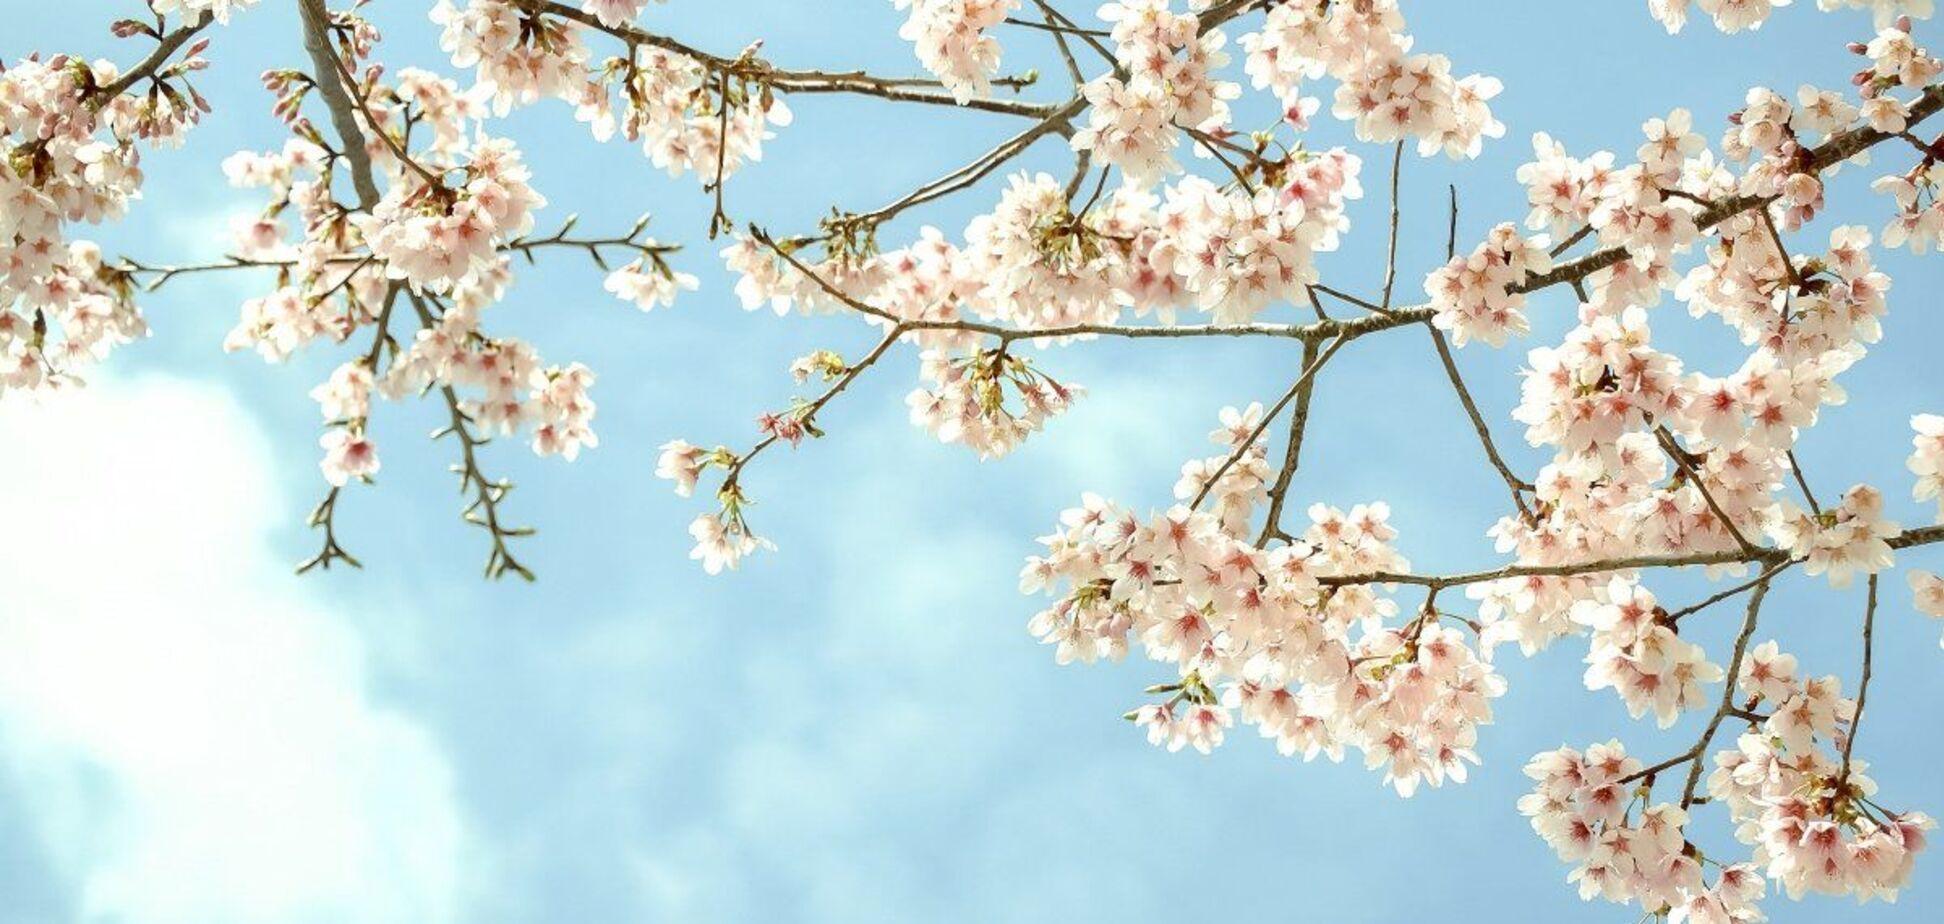 8 мая: праздники, приметы и именинники